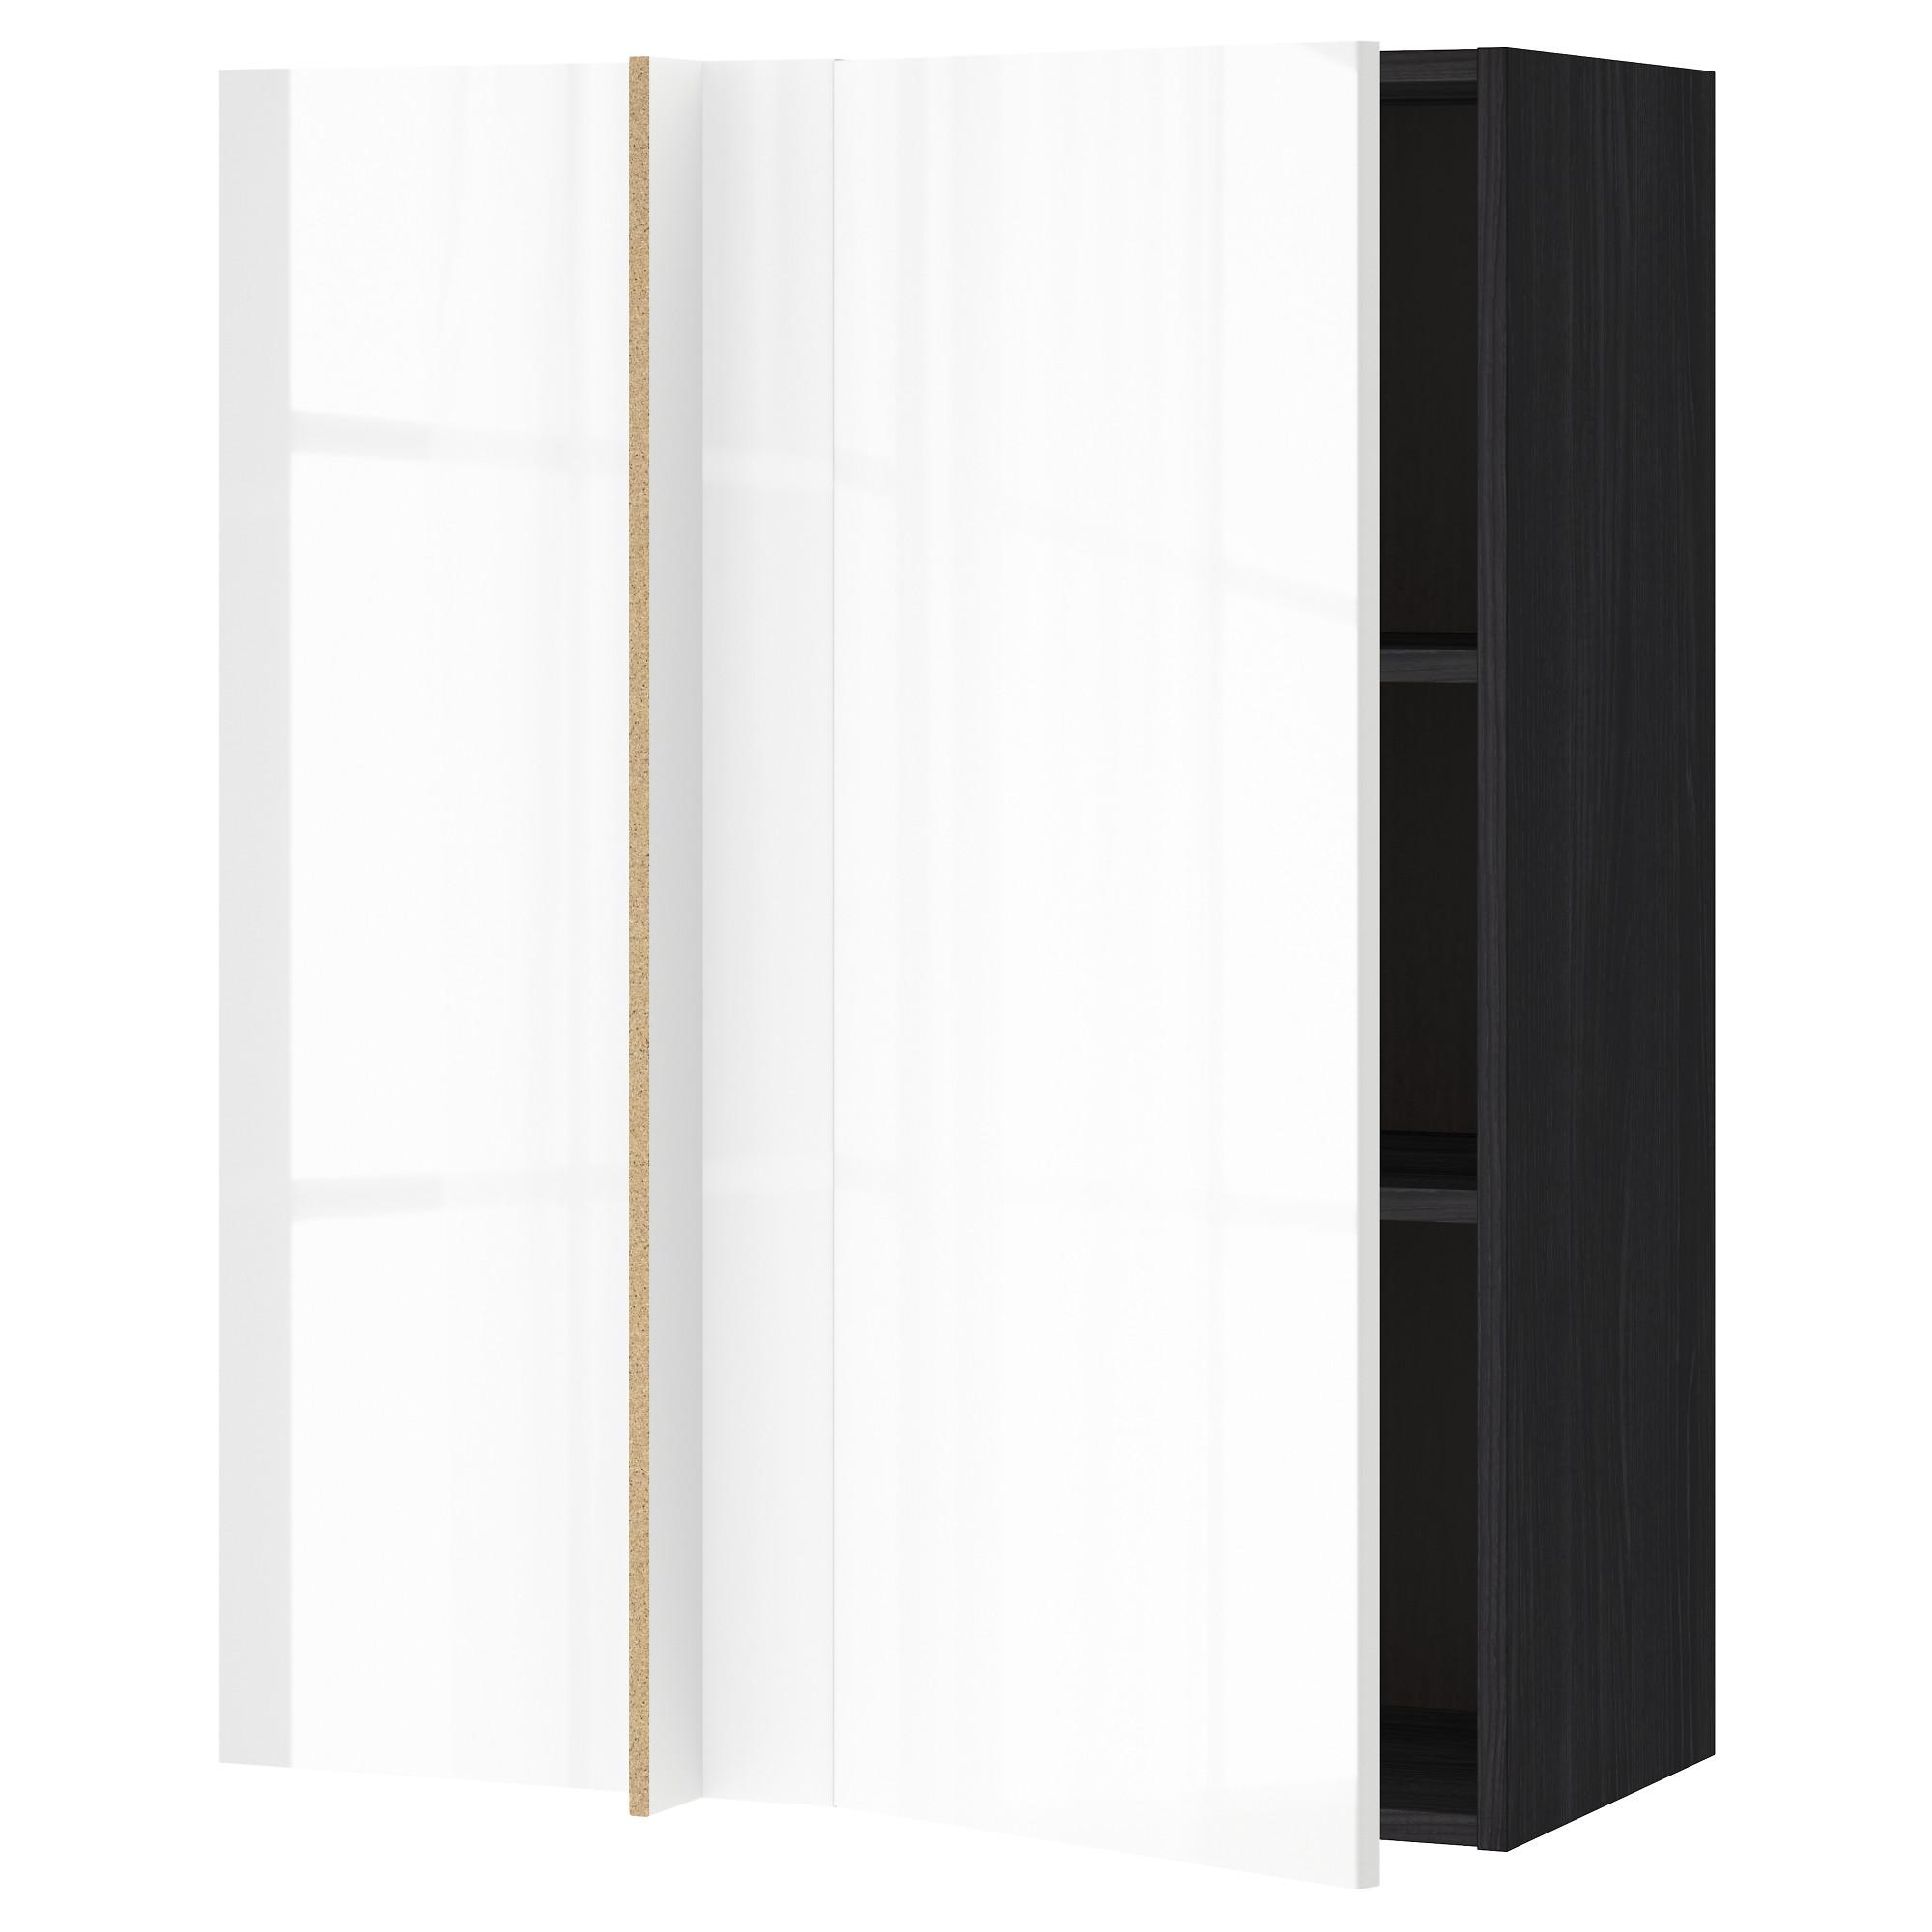 Угловой навесной шкаф с полками МЕТОД черный артикуль № 092.322.32 в наличии. Online сайт IKEA РБ. Быстрая доставка и установка.